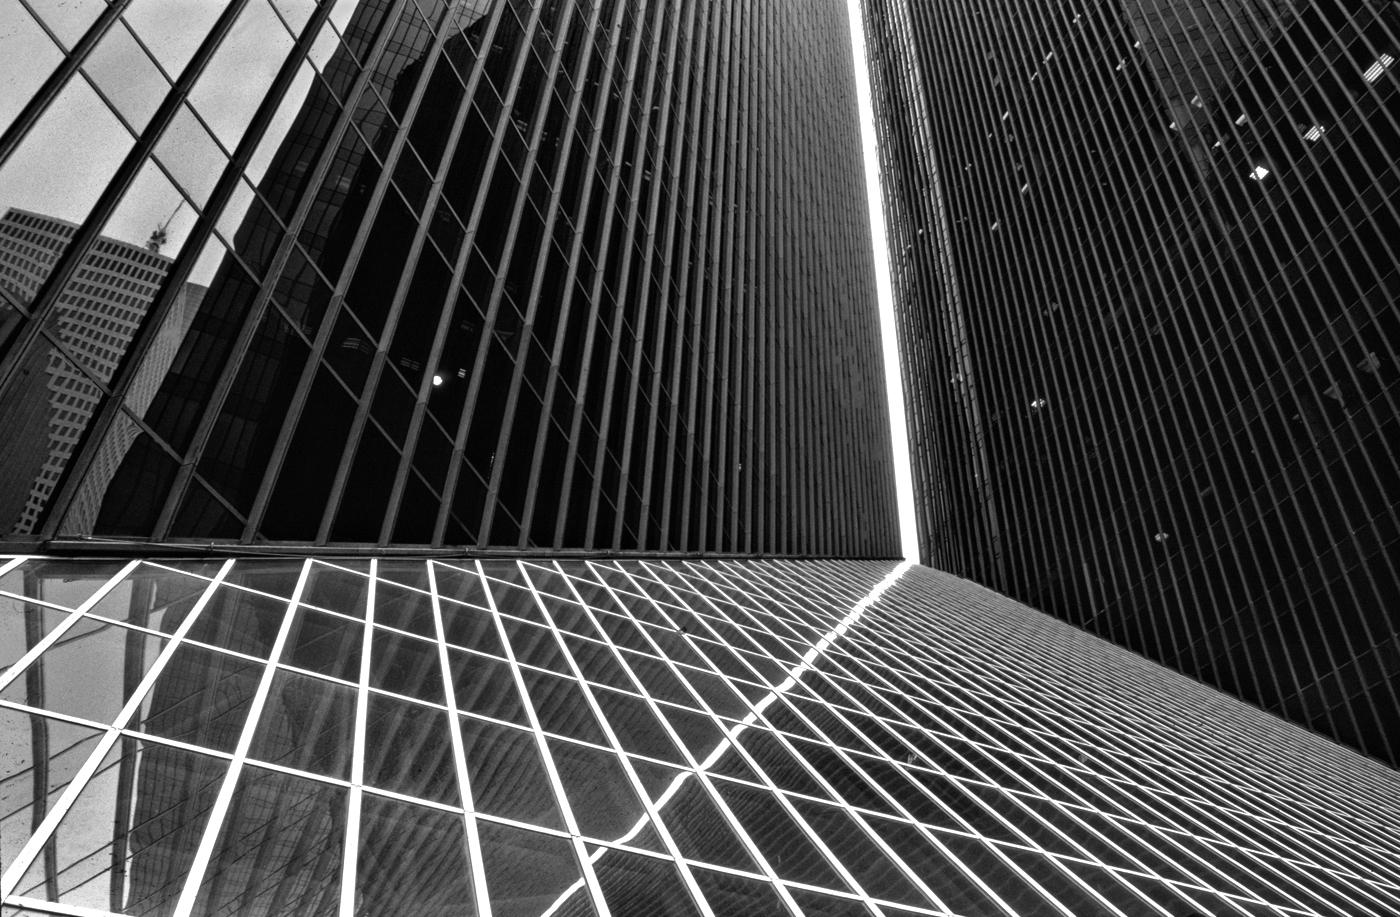 Urban Abstract (Houston, TX)